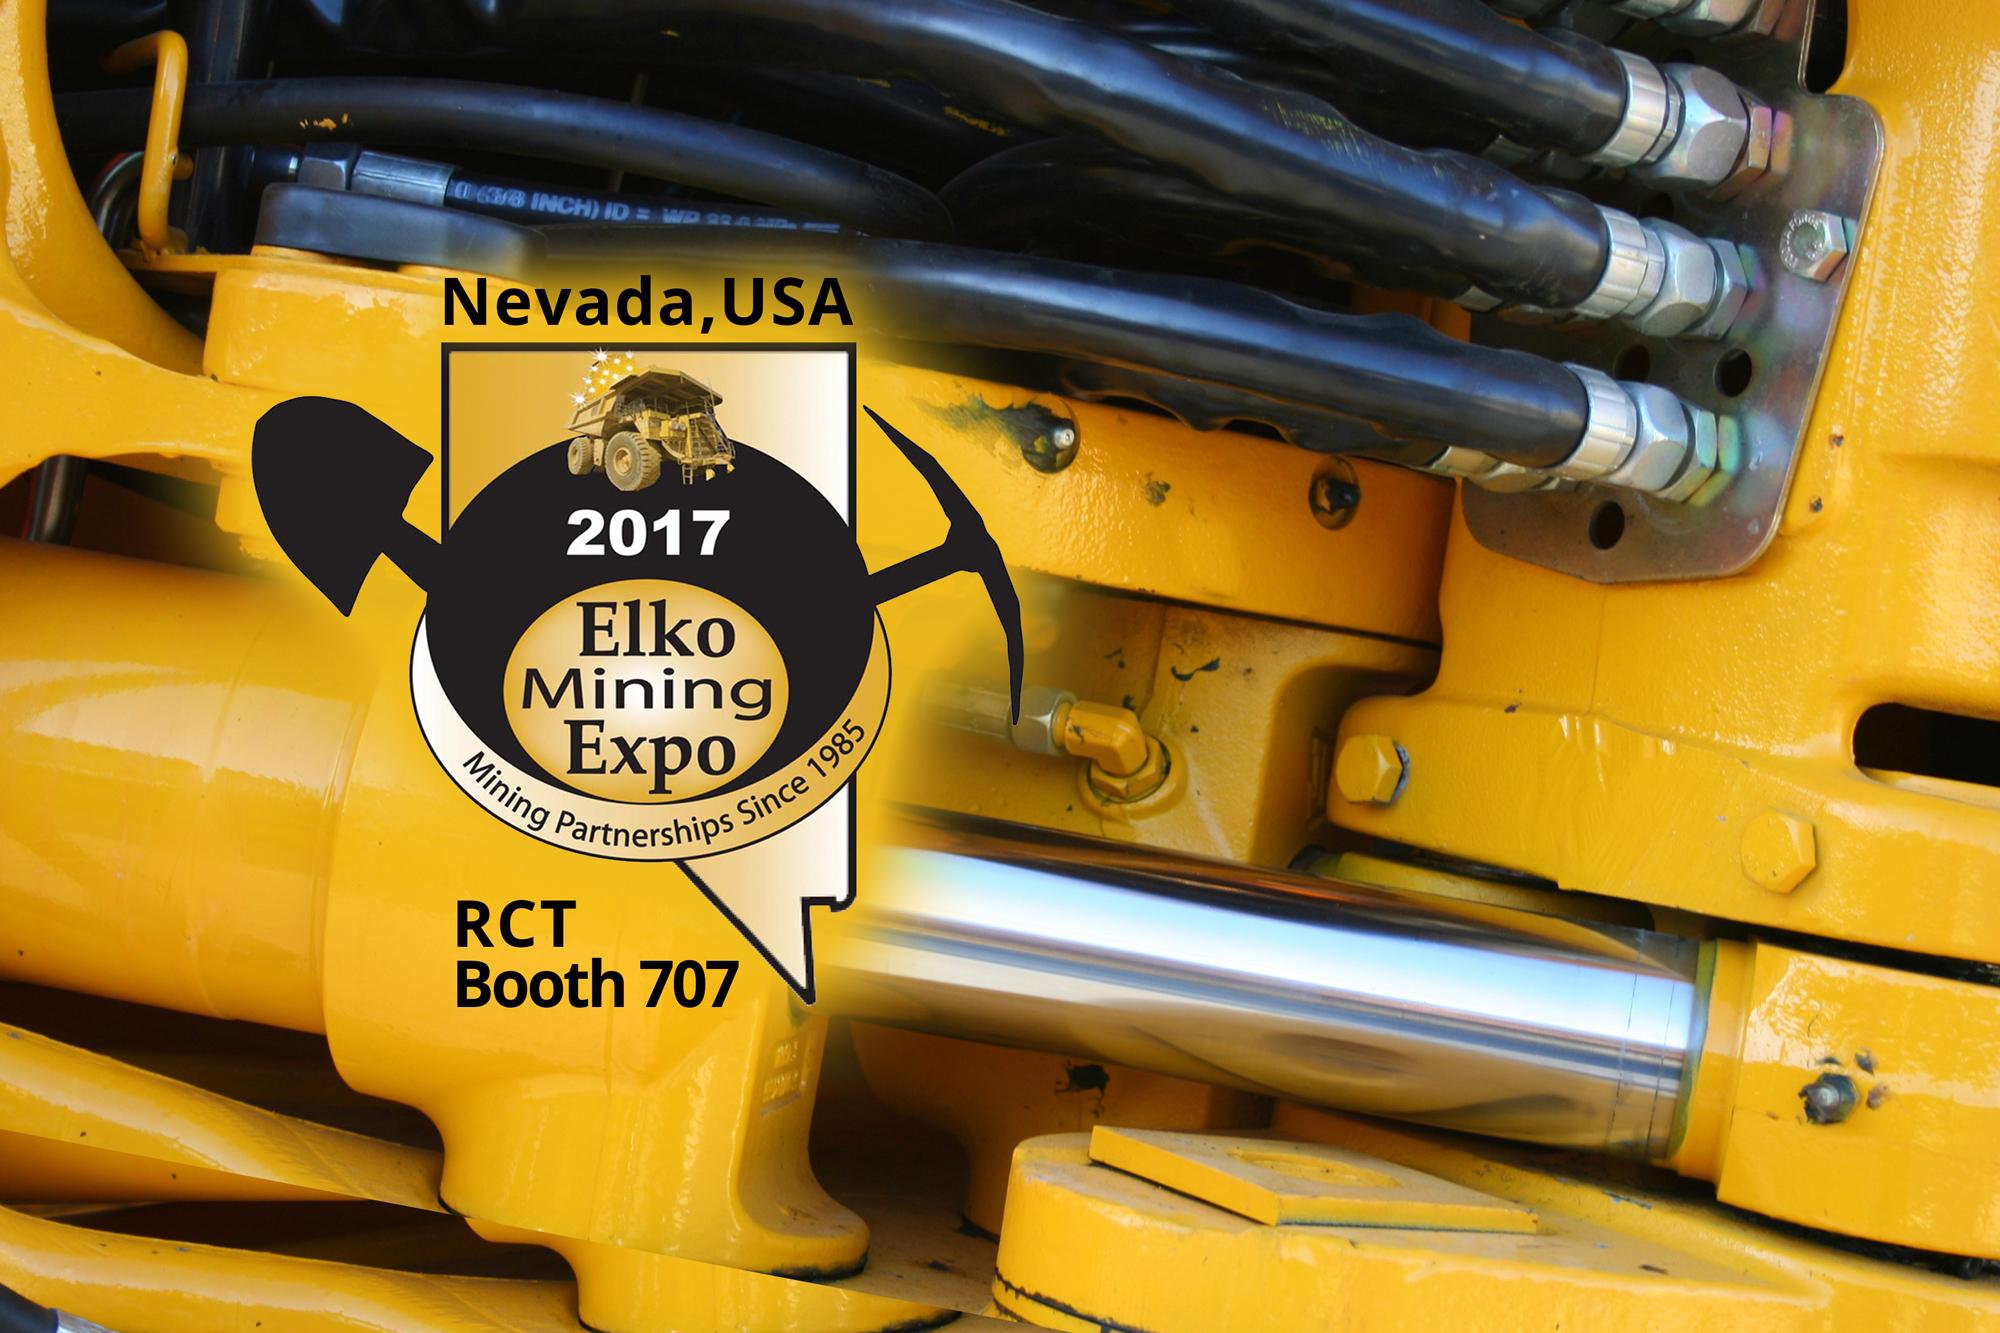 Elko17_Nevada_Expo_MediaPOST_2000pxl